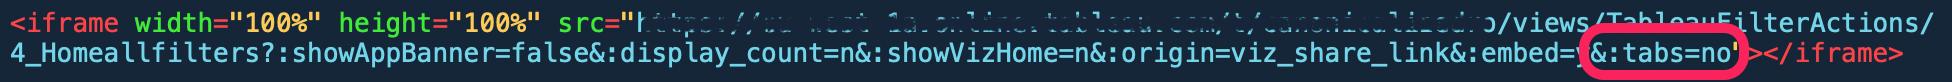 &tabs=no code